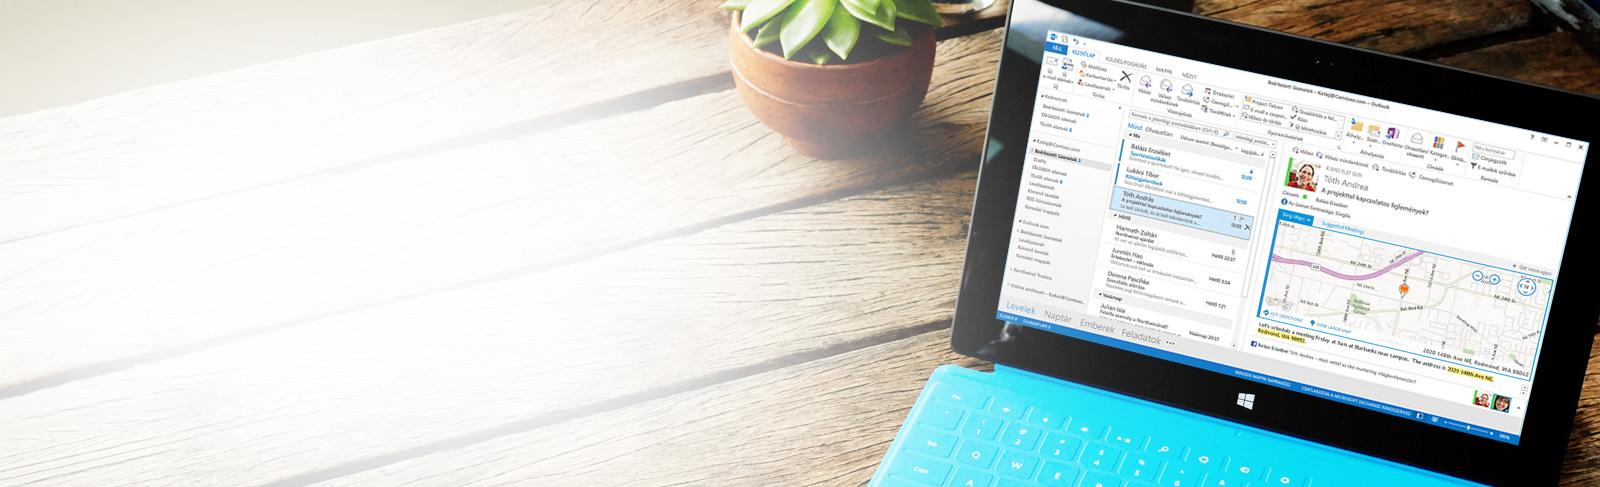 Táblagép, amelyen egy Microsoft Outlook 2013-postafiók látható üzenetlistával és betekintővel.